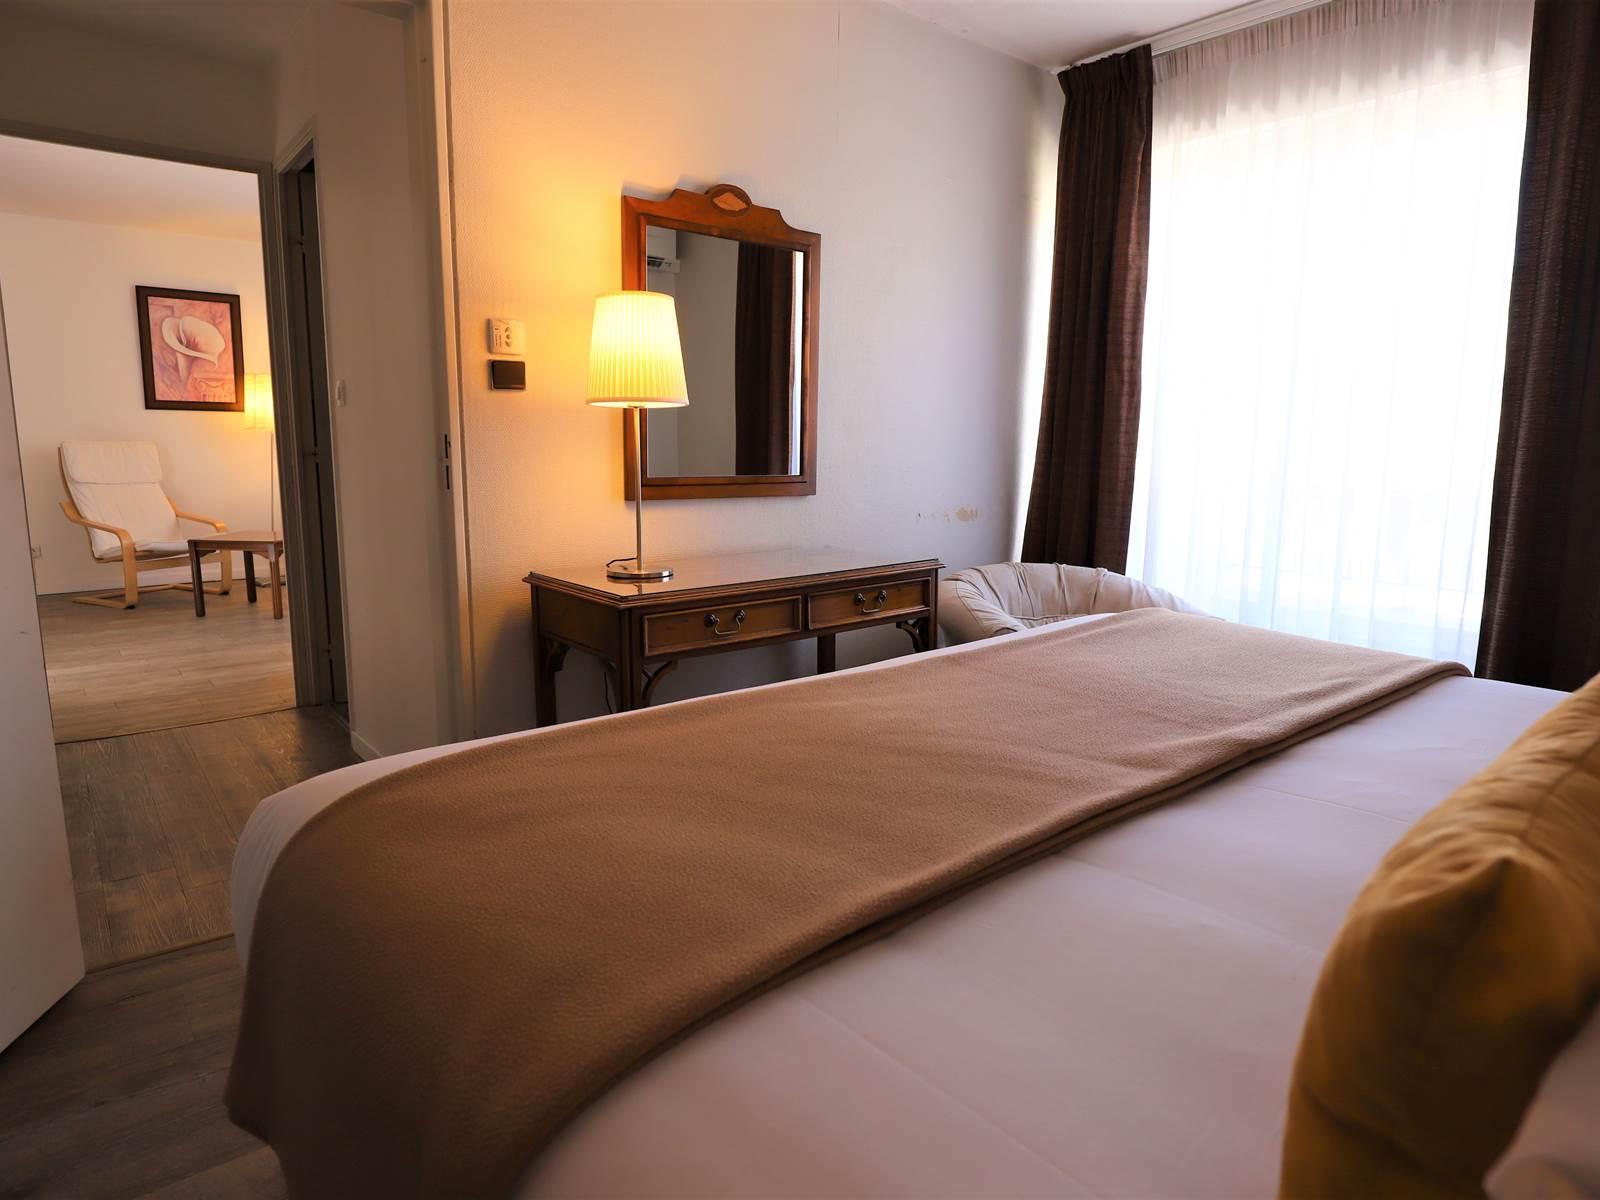 L'Hôtel des Tuileries Nîmes est ouvert pendant le confinement avec un protocole sanitaire renforcé